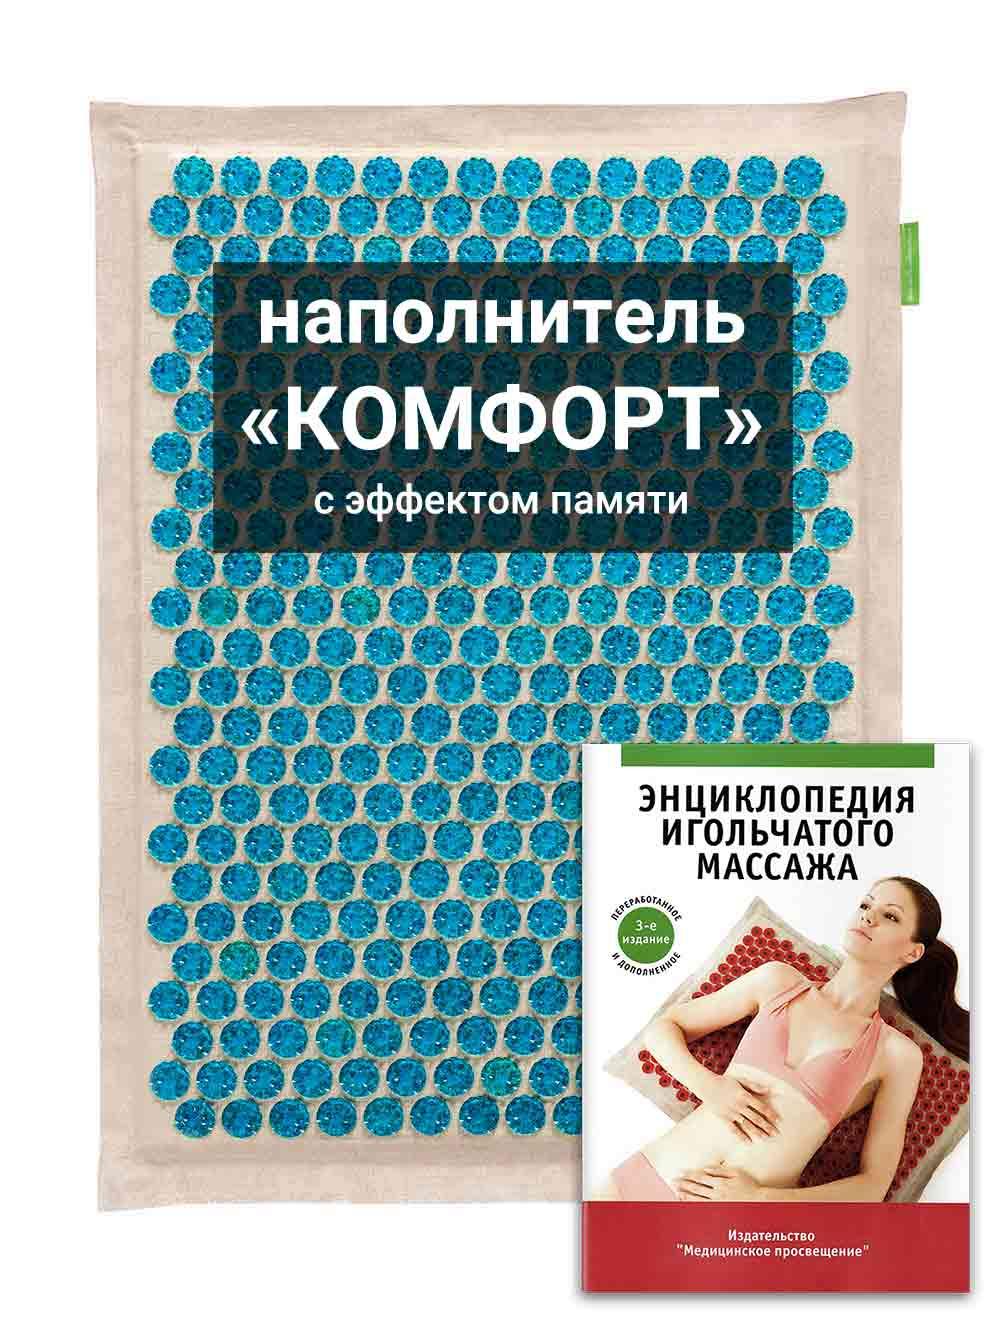 Фото - Massager medical comfort acupuncture massage yoga relaxation massage mat applicator Kuznetsova МА16 yoga mat